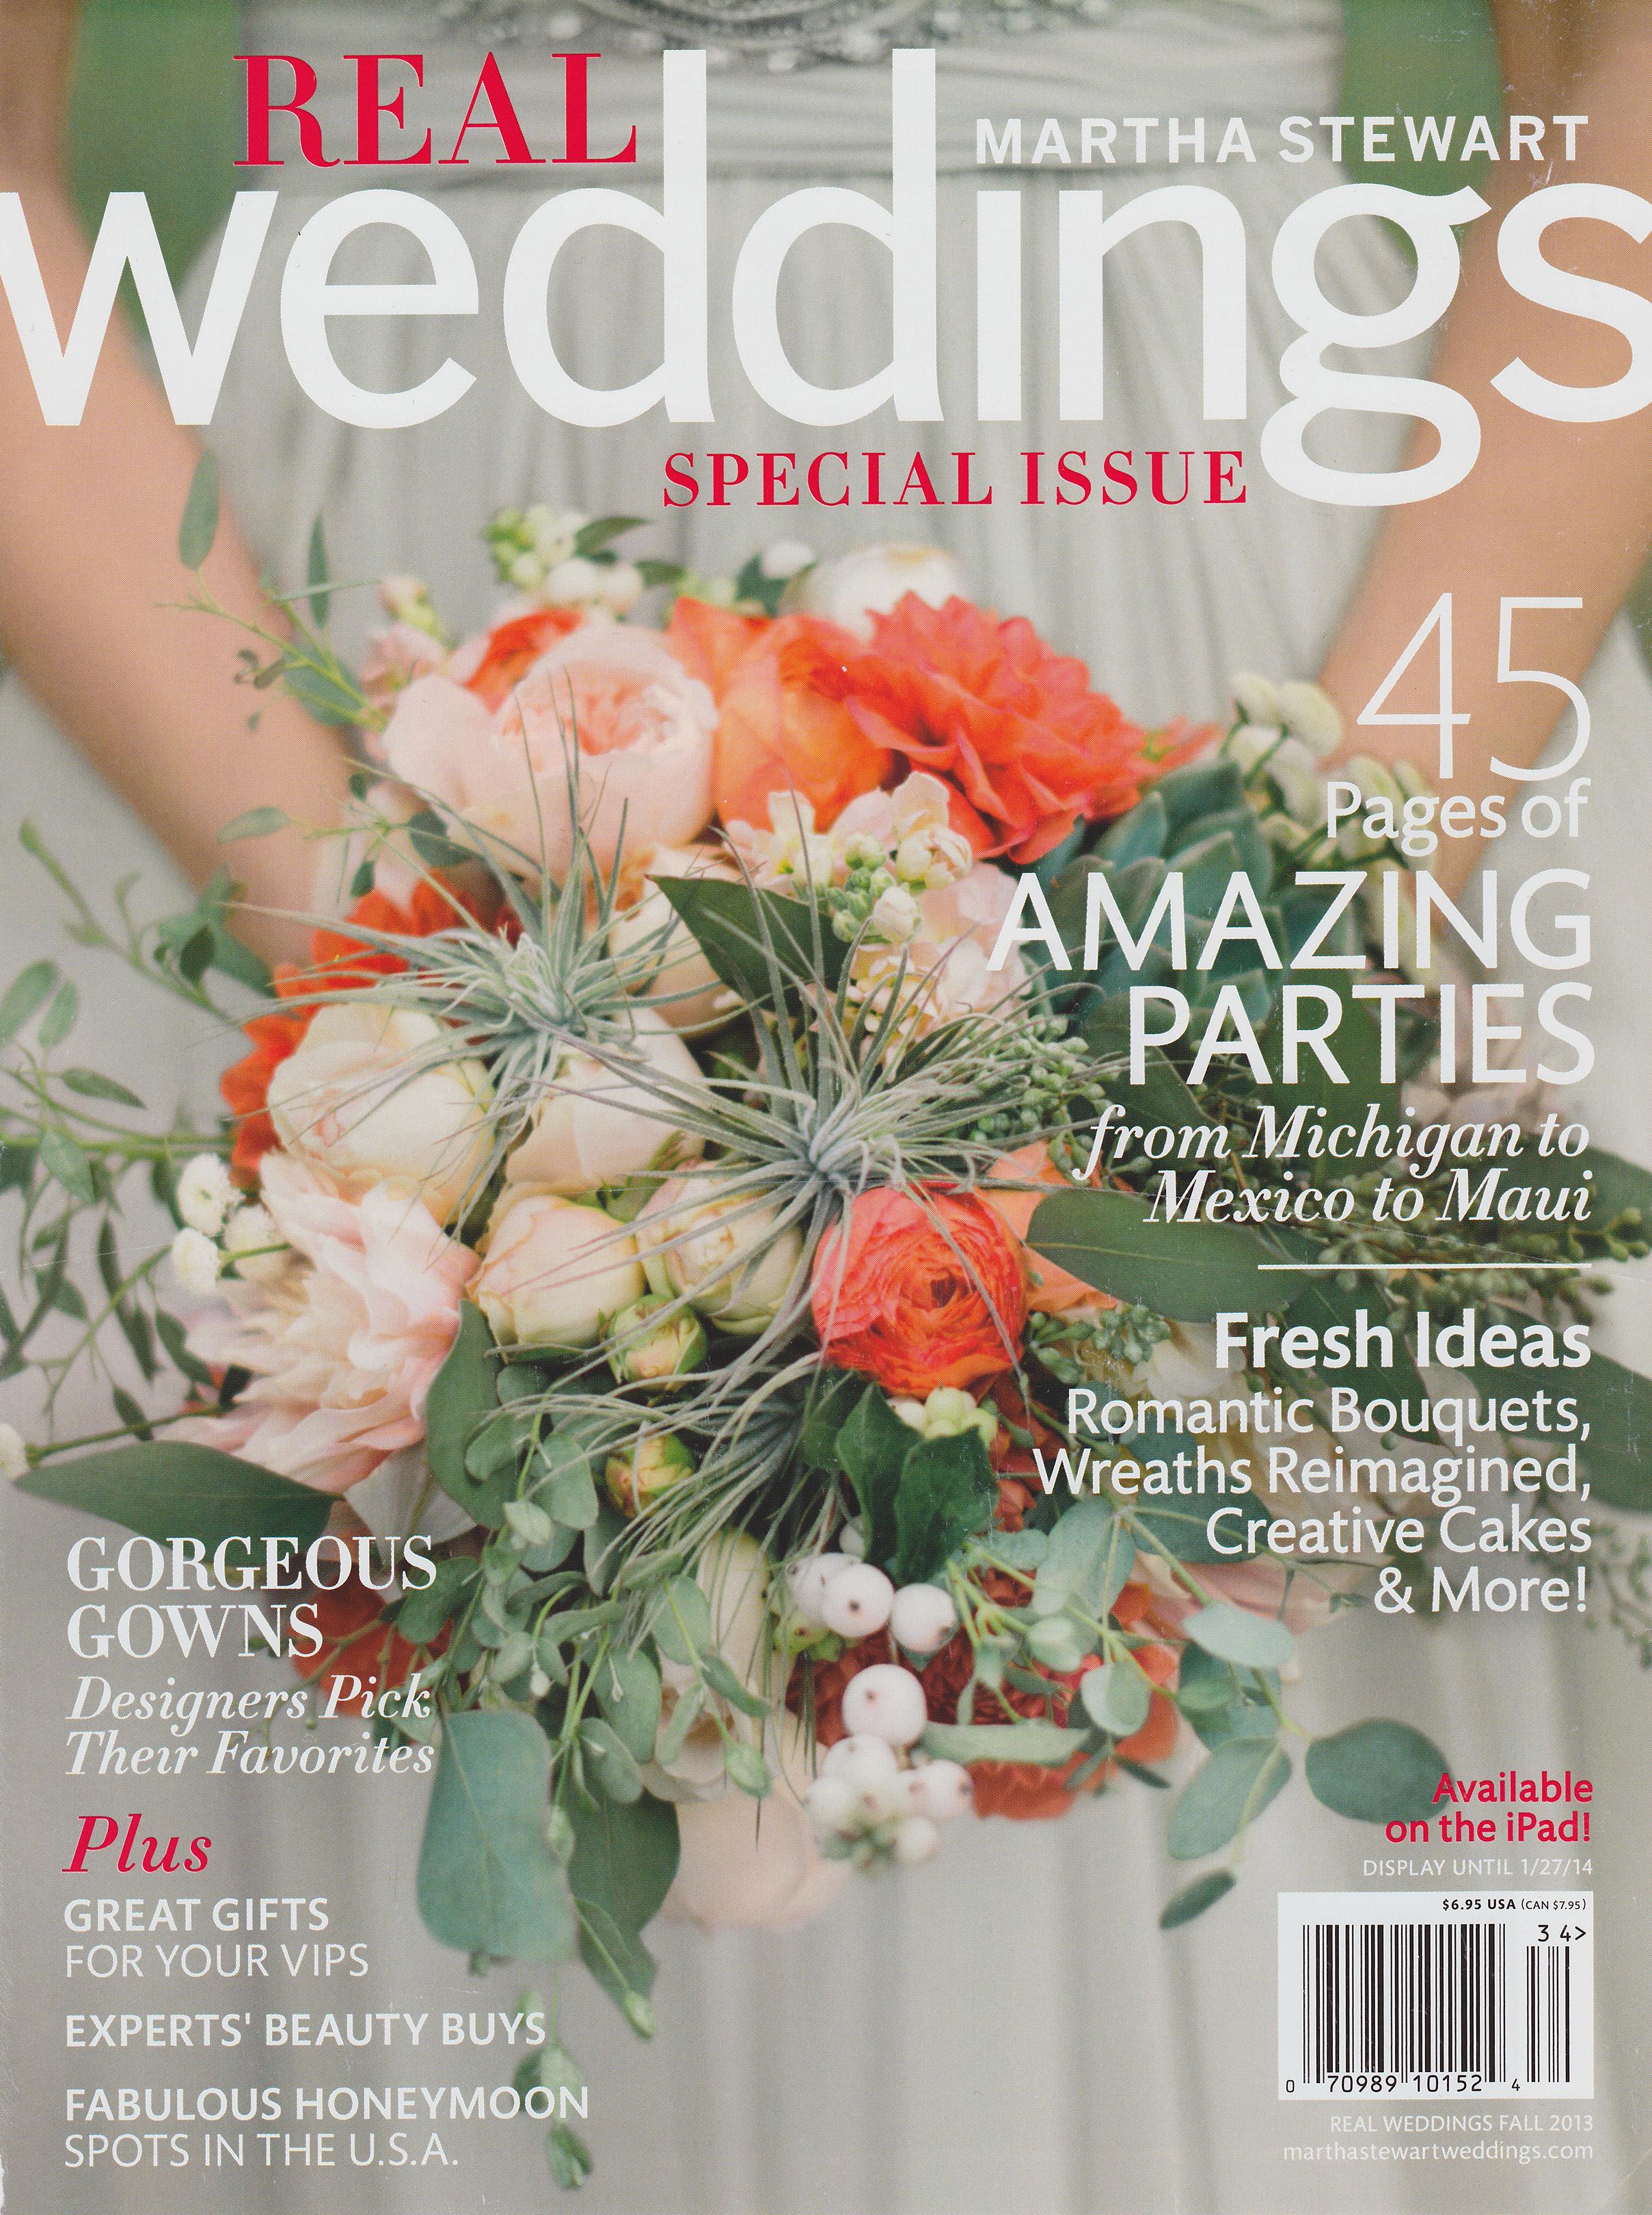 MS_Real_Weddings_Nov2013_1.jpg